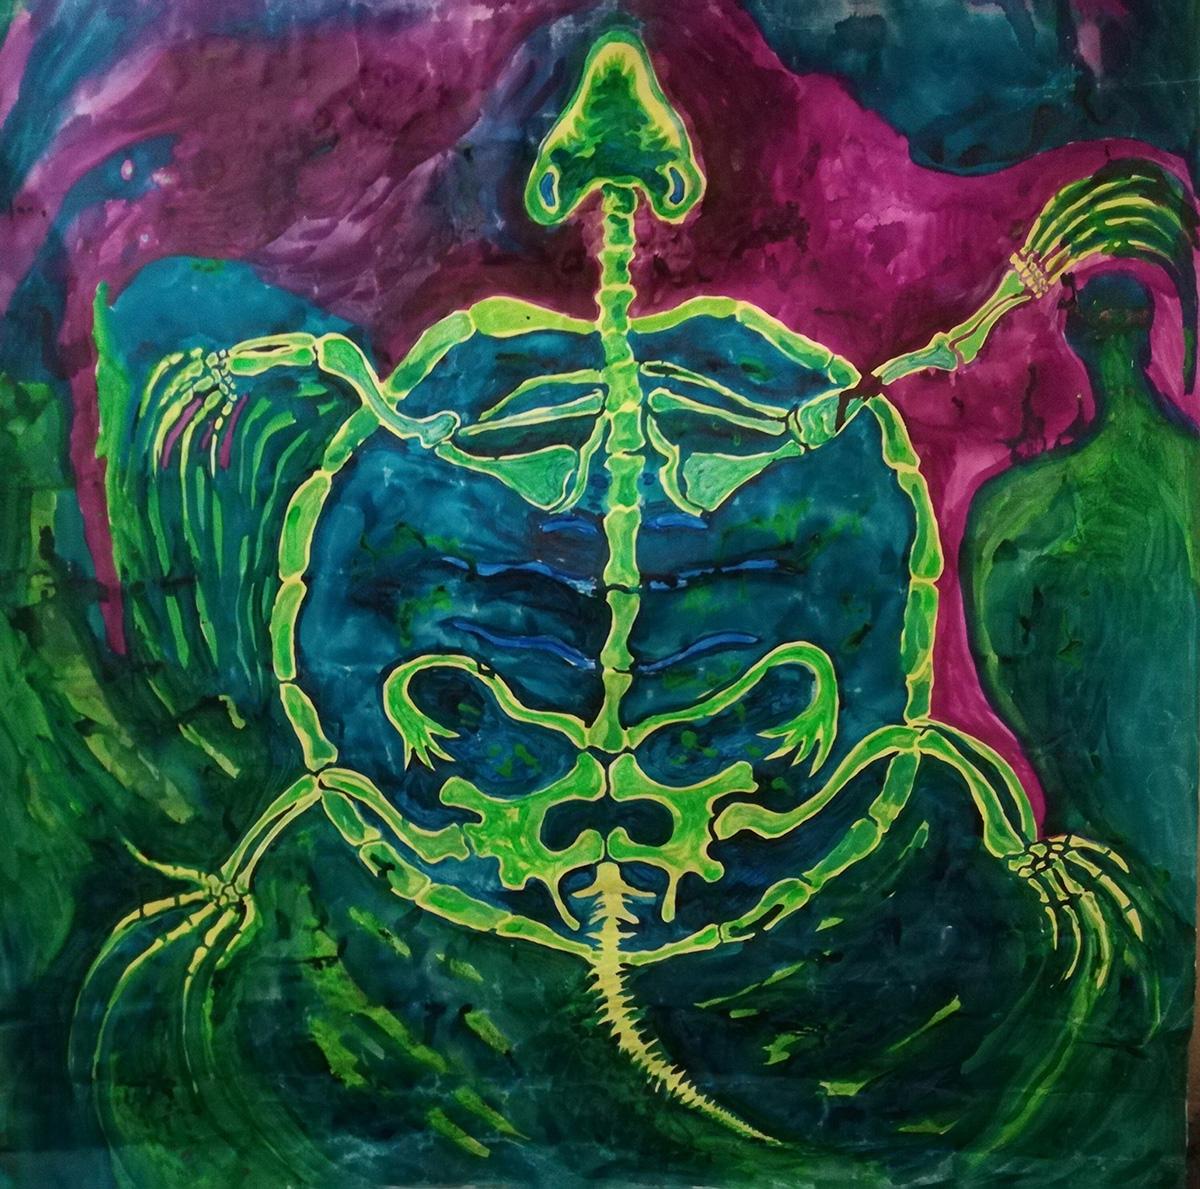 ענבל מנדס פלור, מחול הצבים ,מיצב קיר, צבעי פלורסנט על קנווס, 2019 | קרדיט צילום: באדיבות האמנית